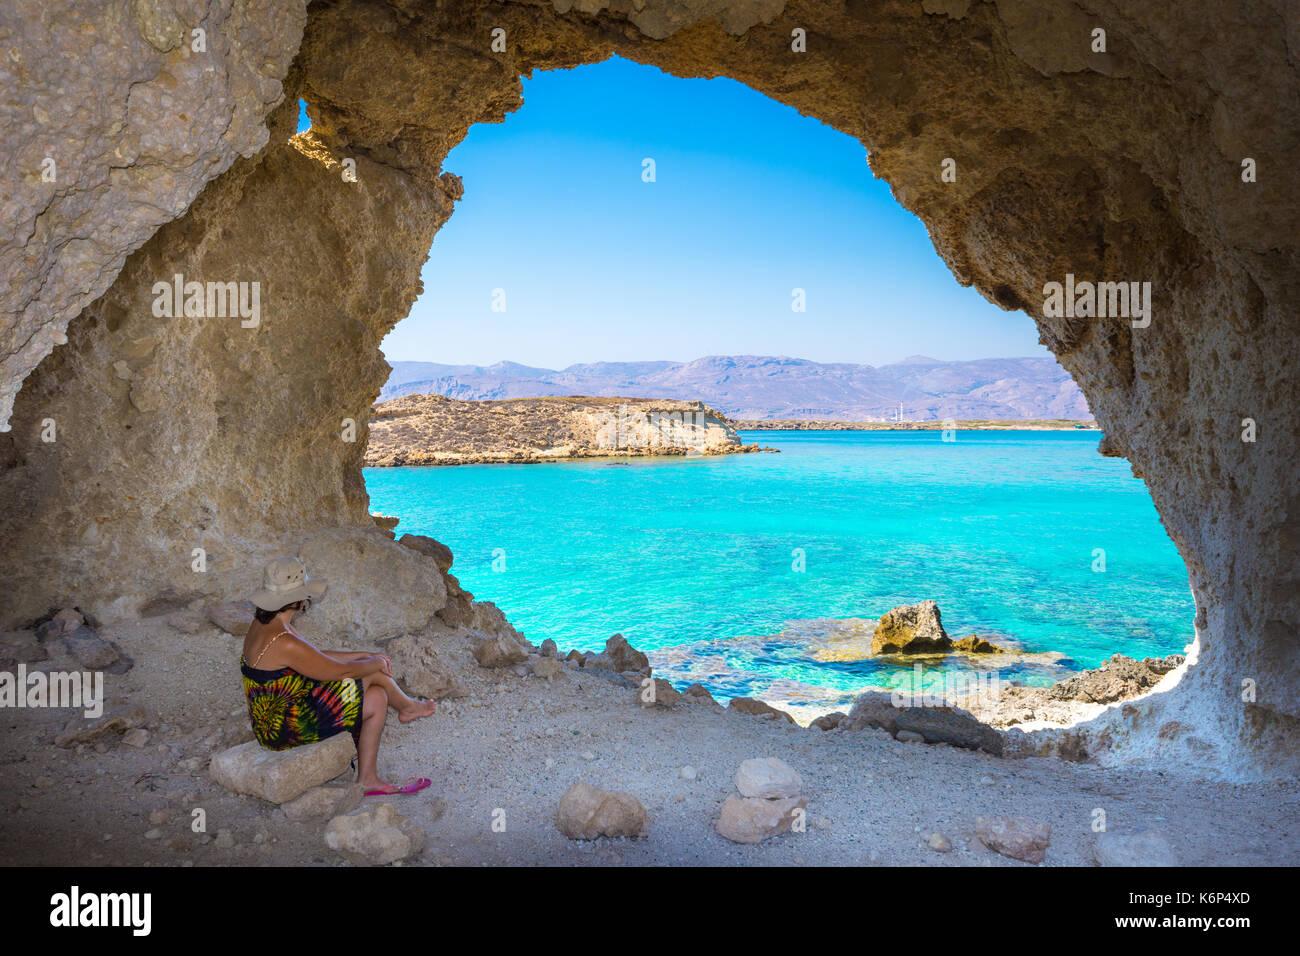 Increíble vista de verano de mujer en una cueva en koufonisi isla mágica con aguas color turquesa, lagunas, Imagen De Stock